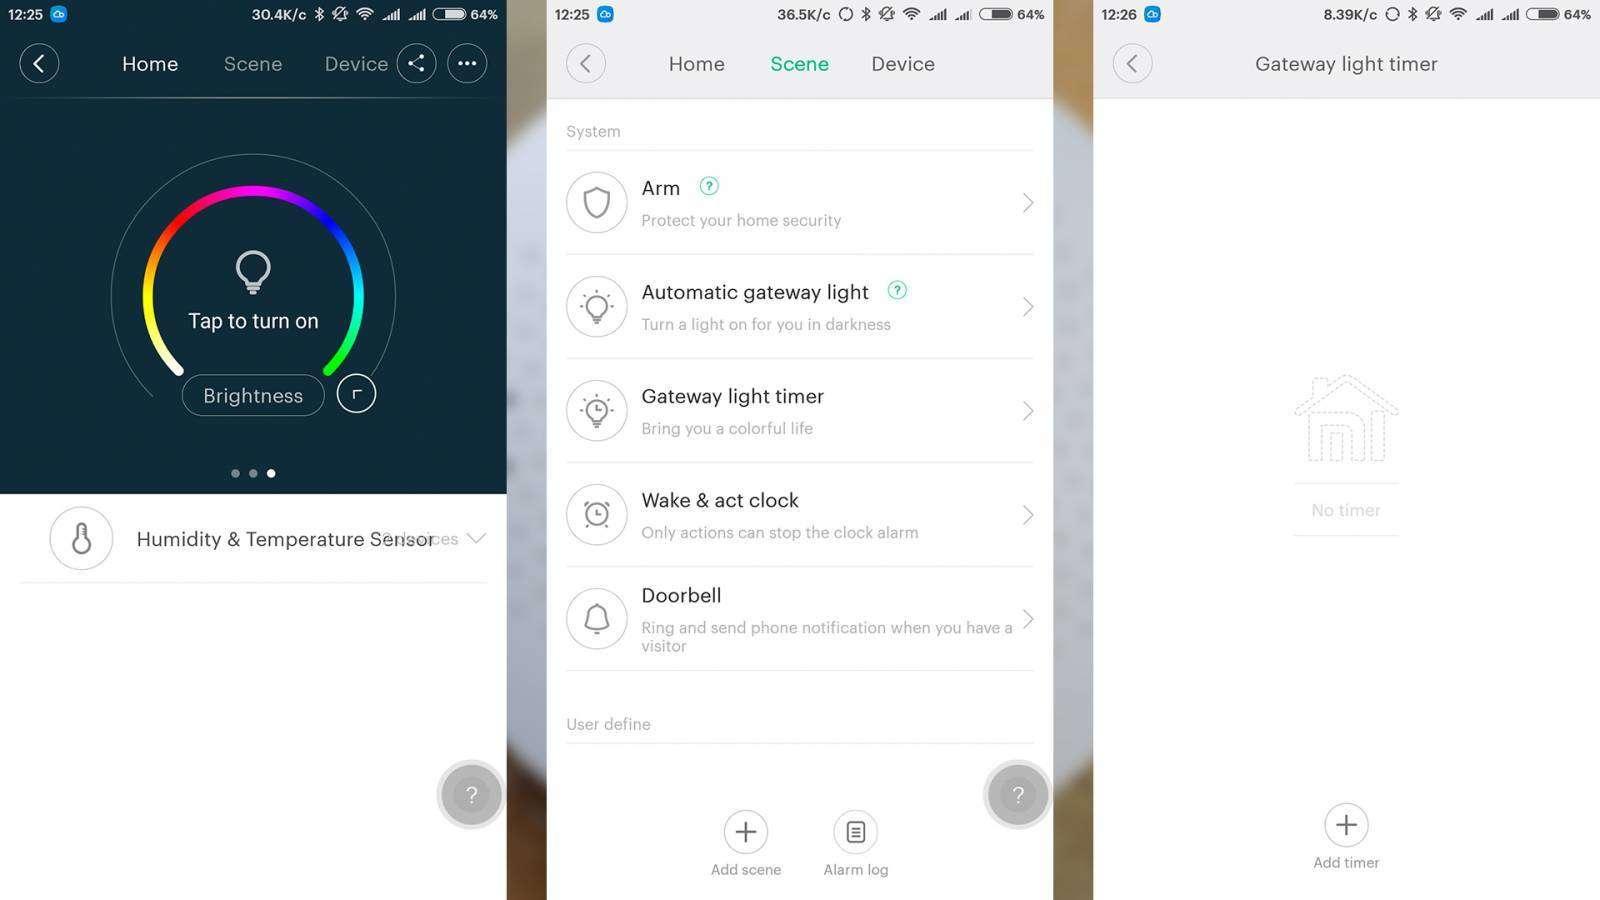 GearBest: Как настраивать xiaomi smart home - сценарии, часть 1